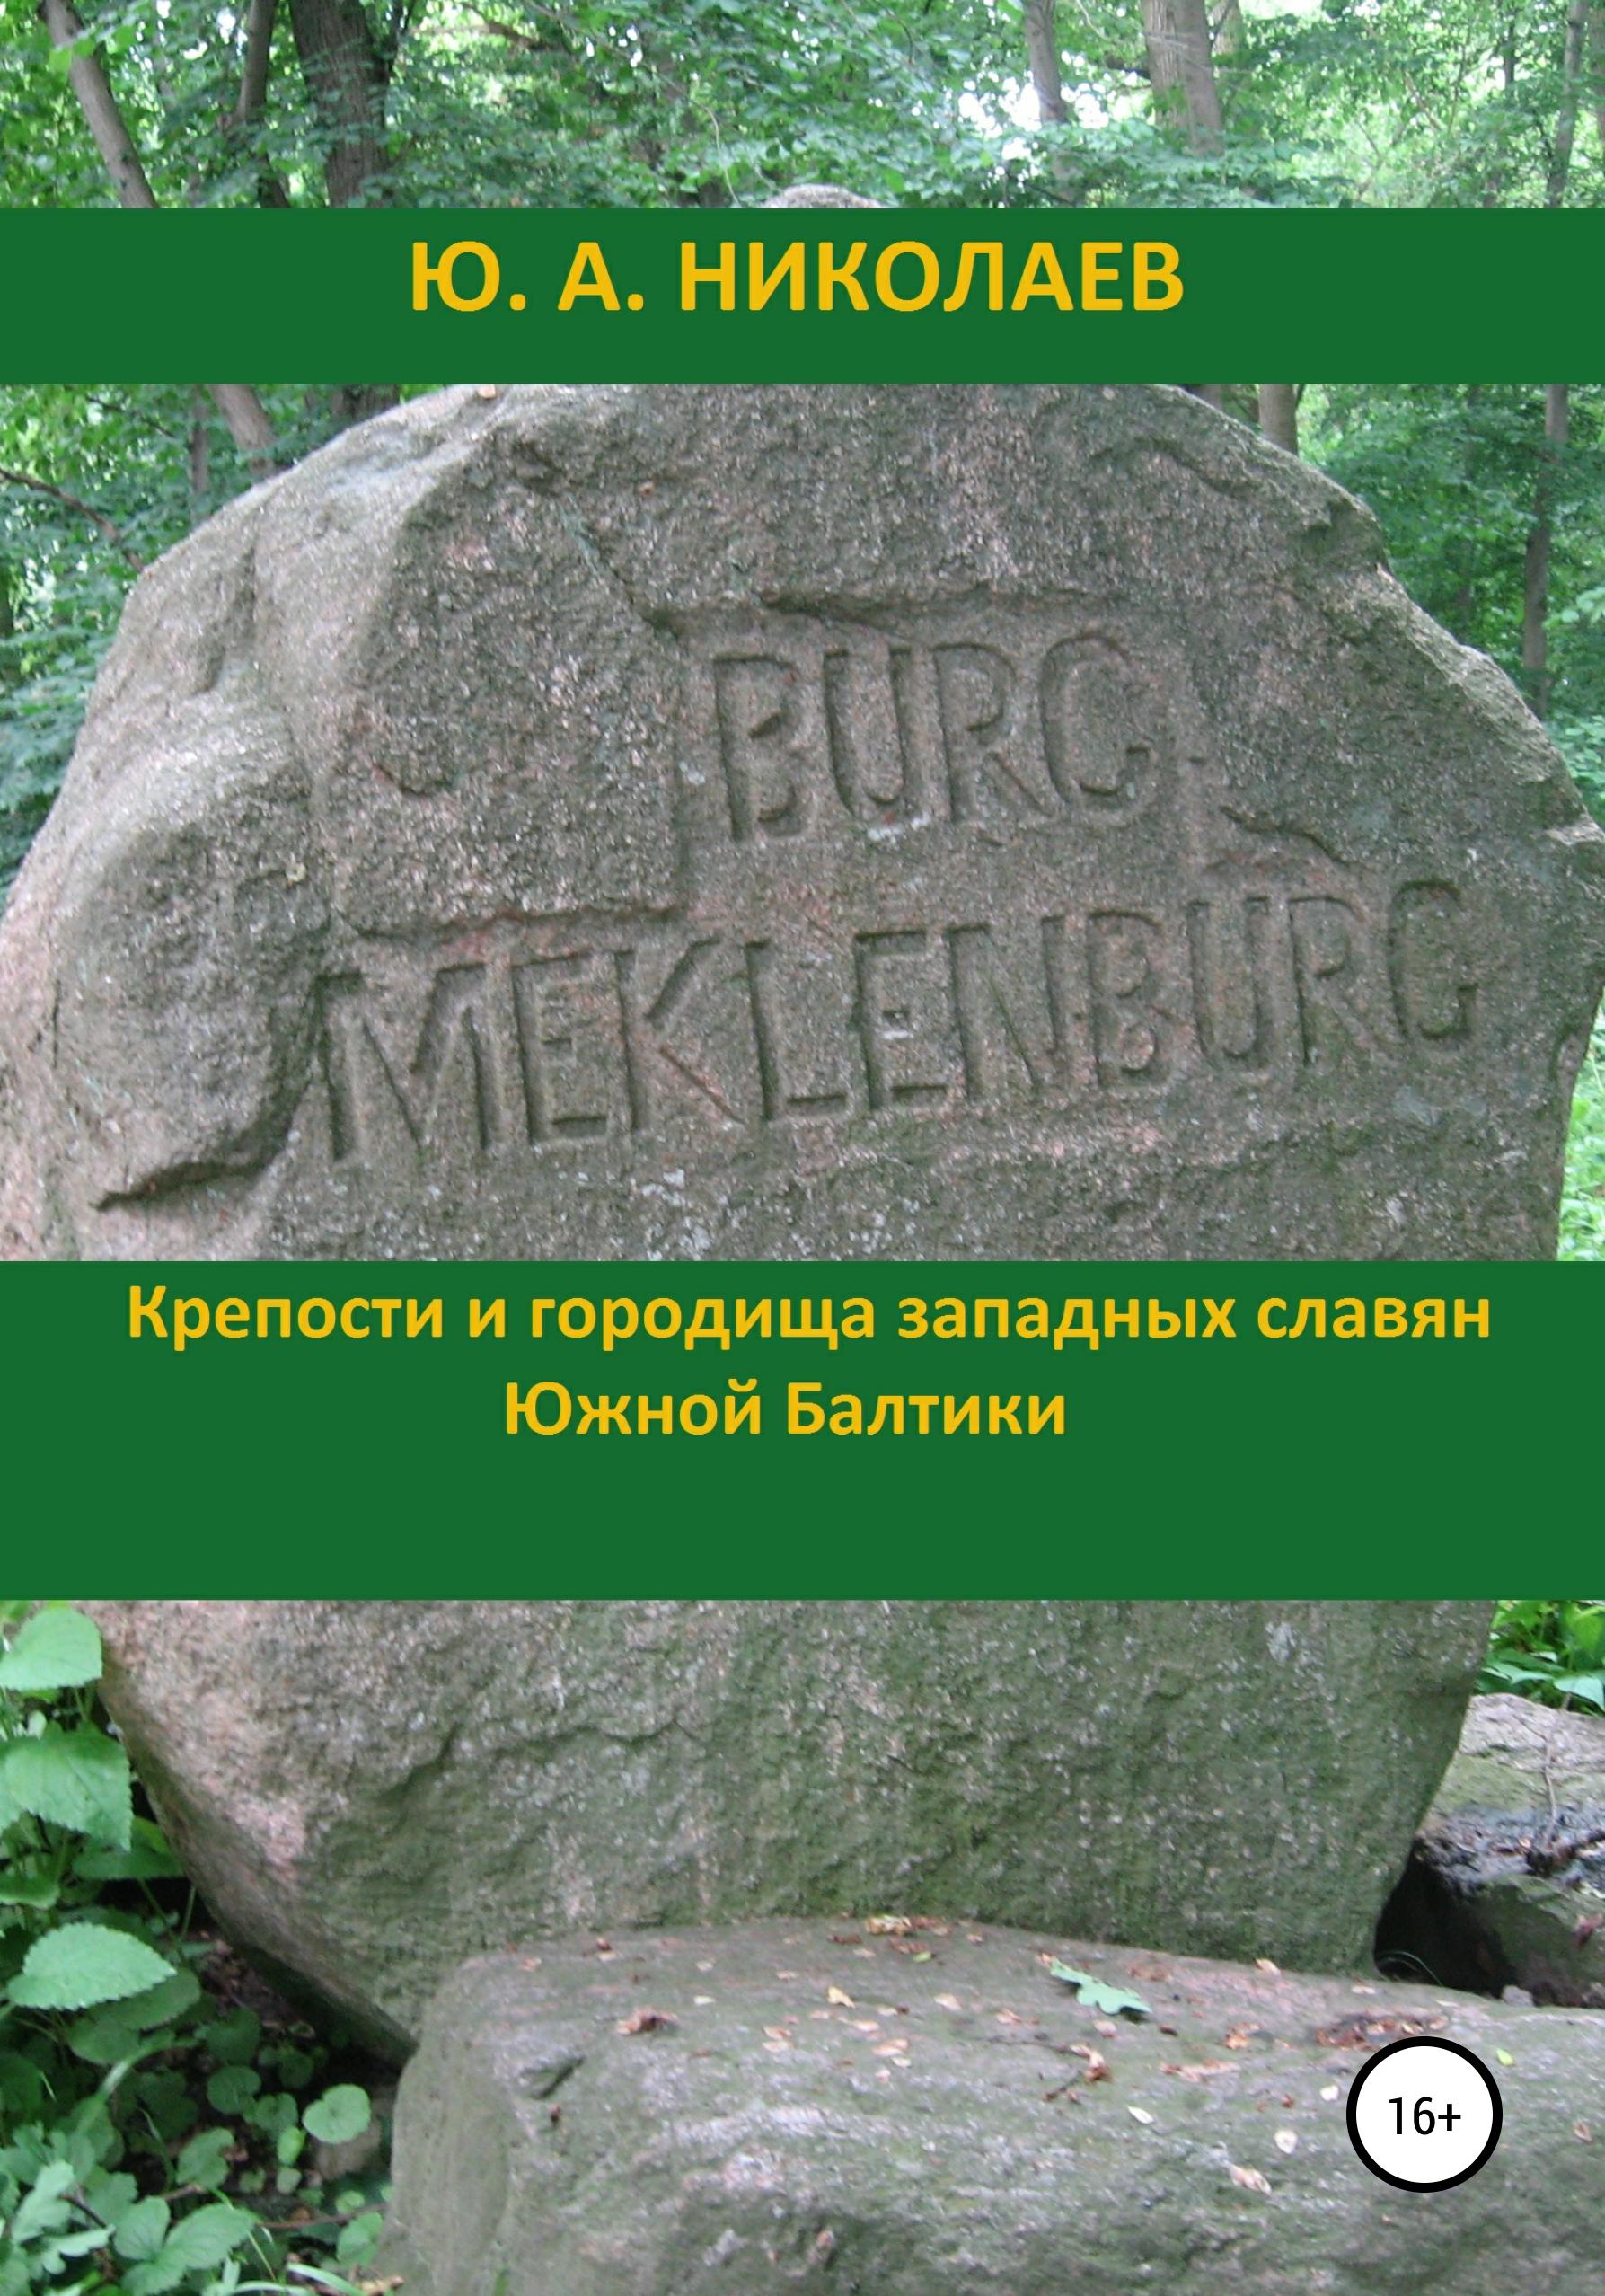 Крепости и городища западных славян Южной Балтики